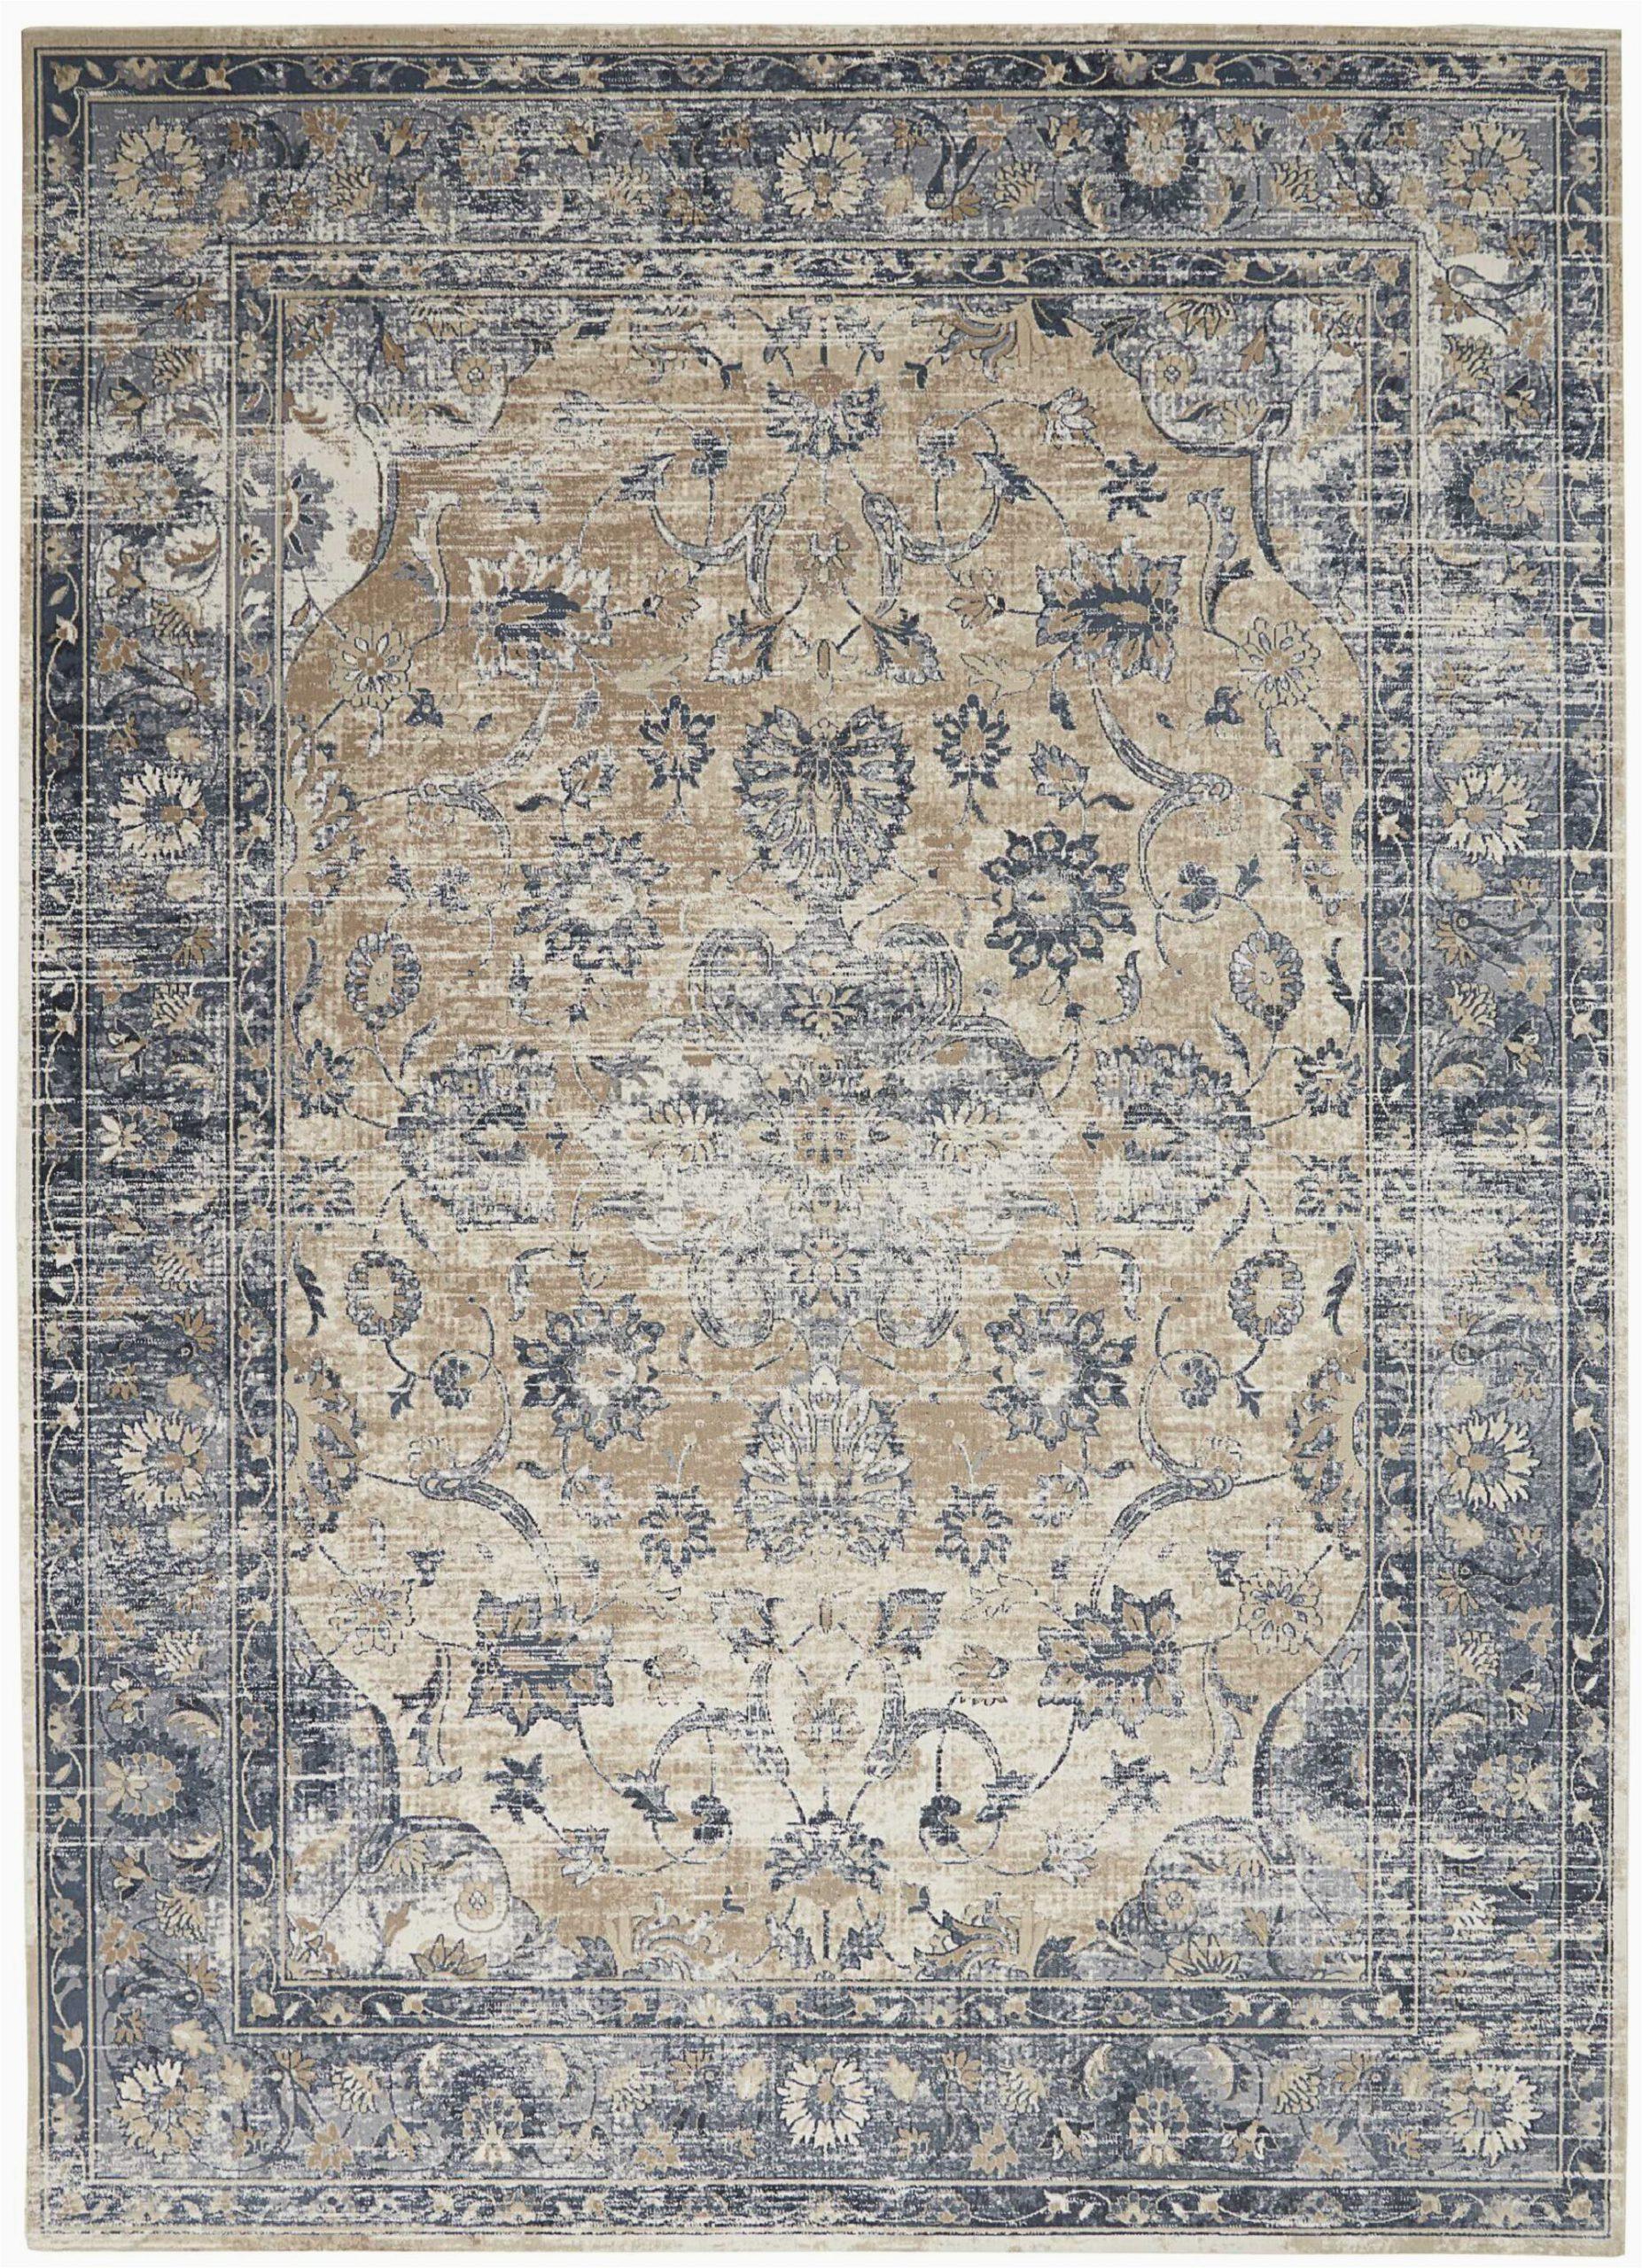 clarkedale oriental beigeblue area rug